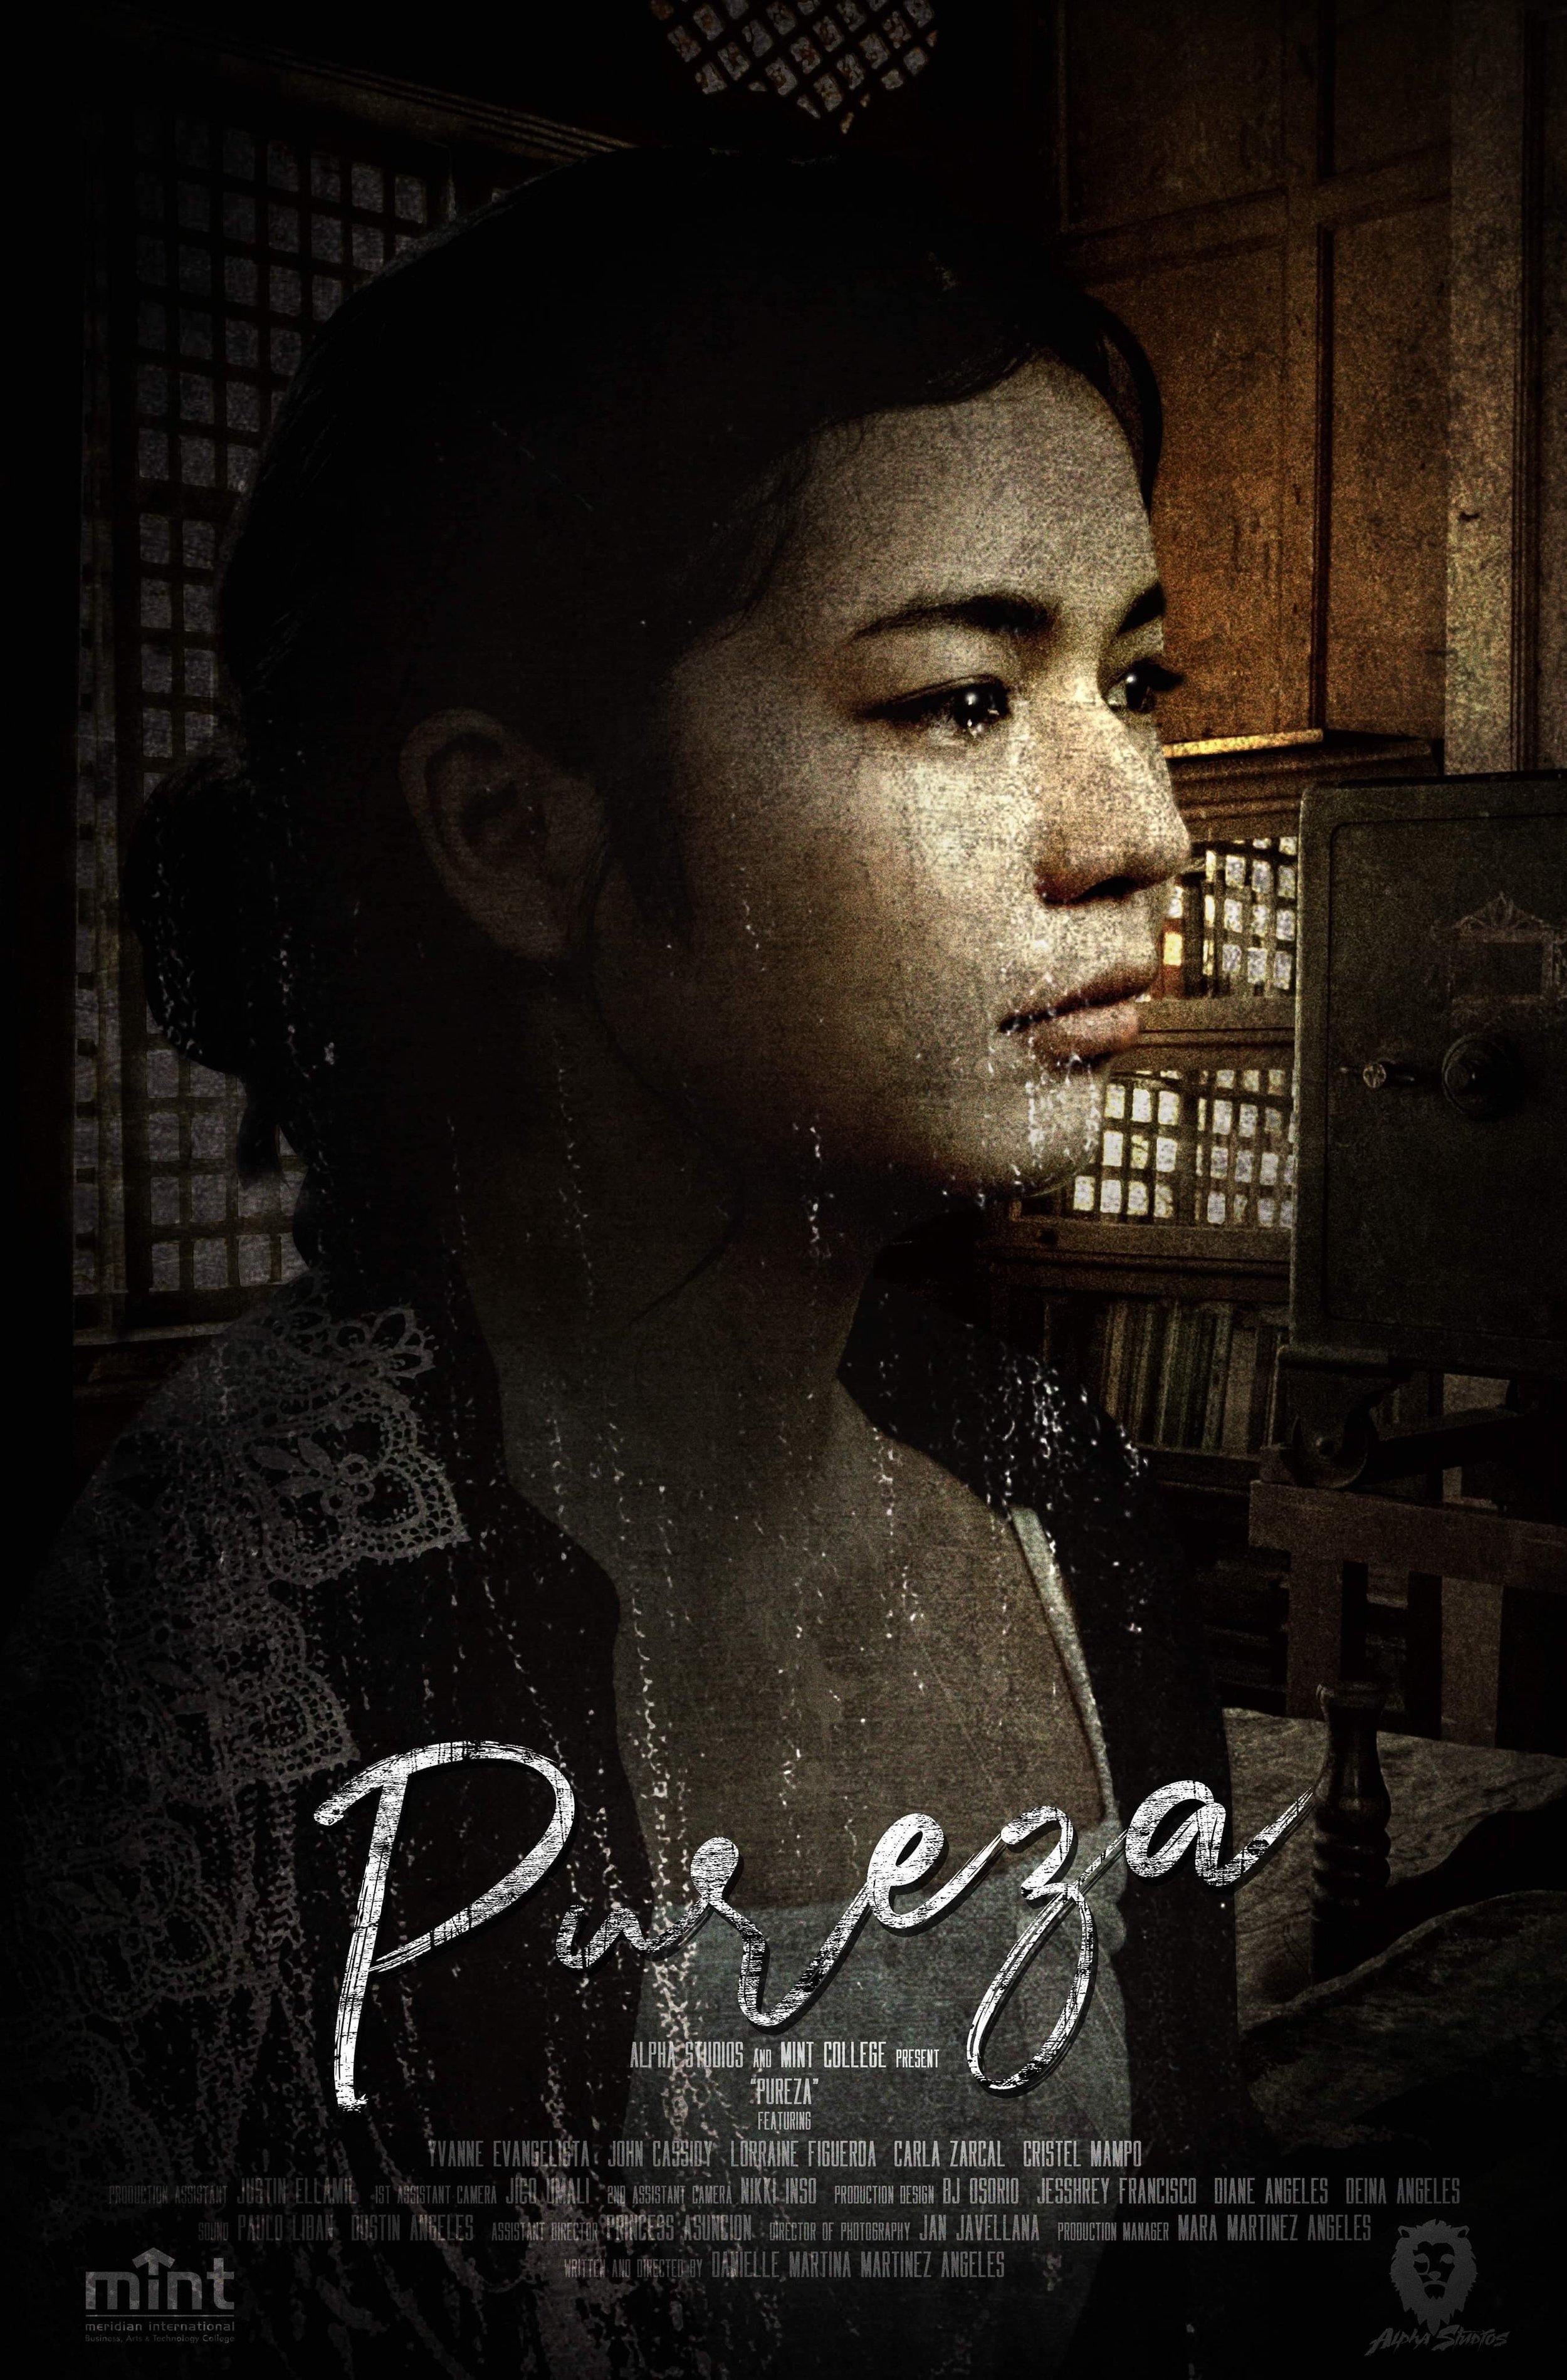 Pureza Poster.JPG